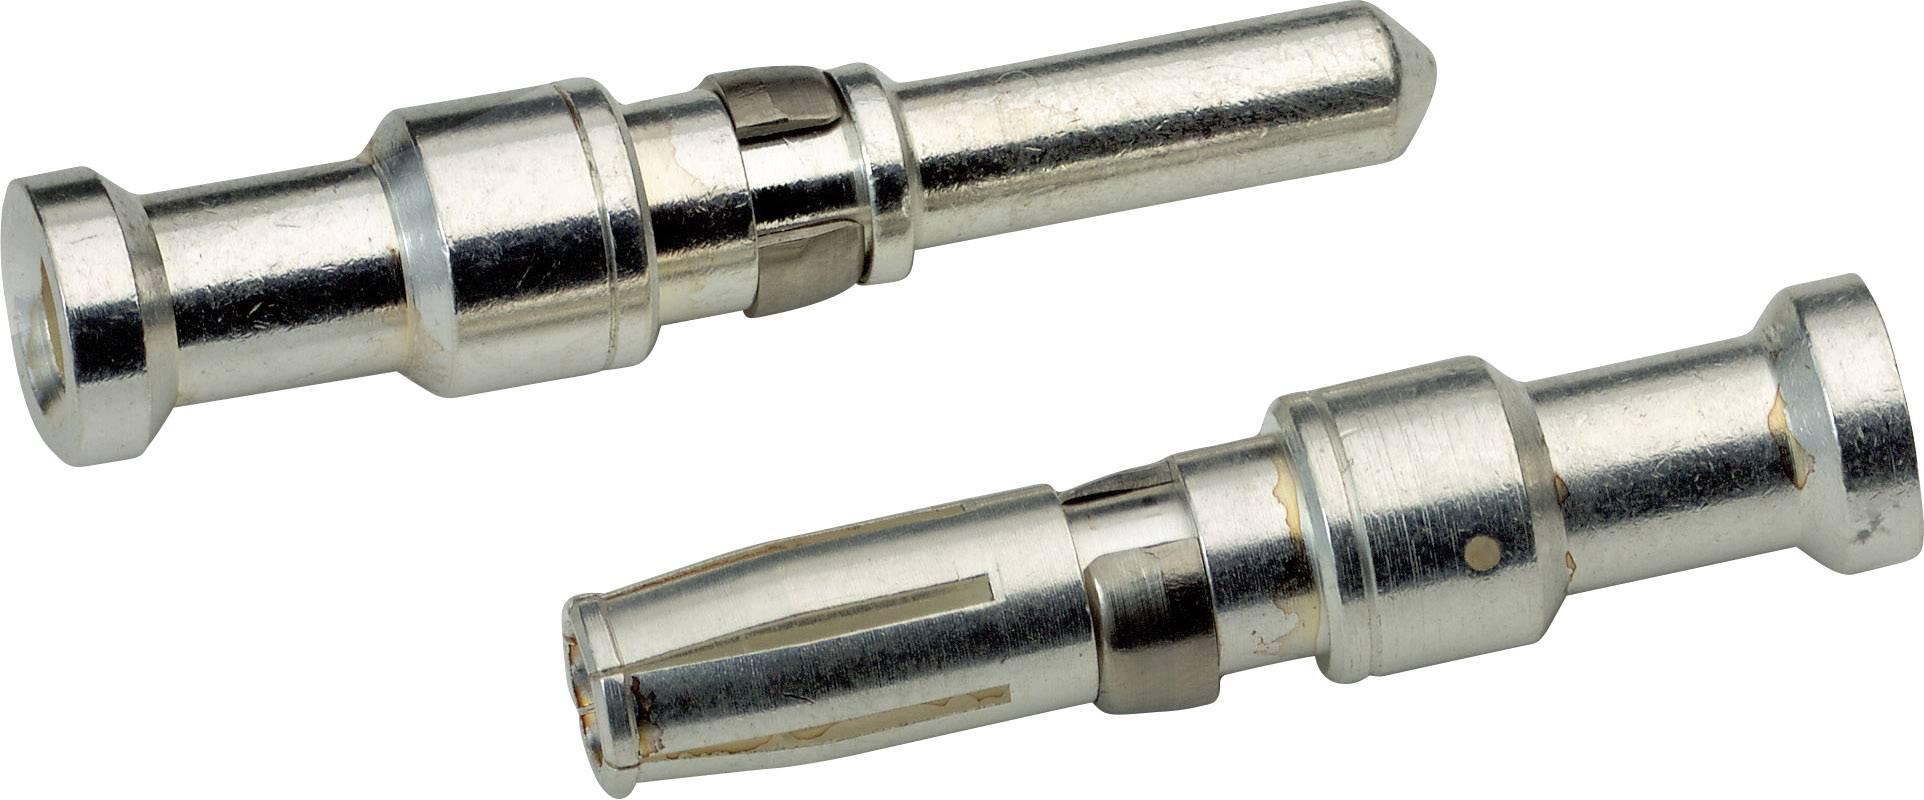 Soustružený zásuvkový kontakt LappKabel 1121570C, série MC 3,6, 100 ks